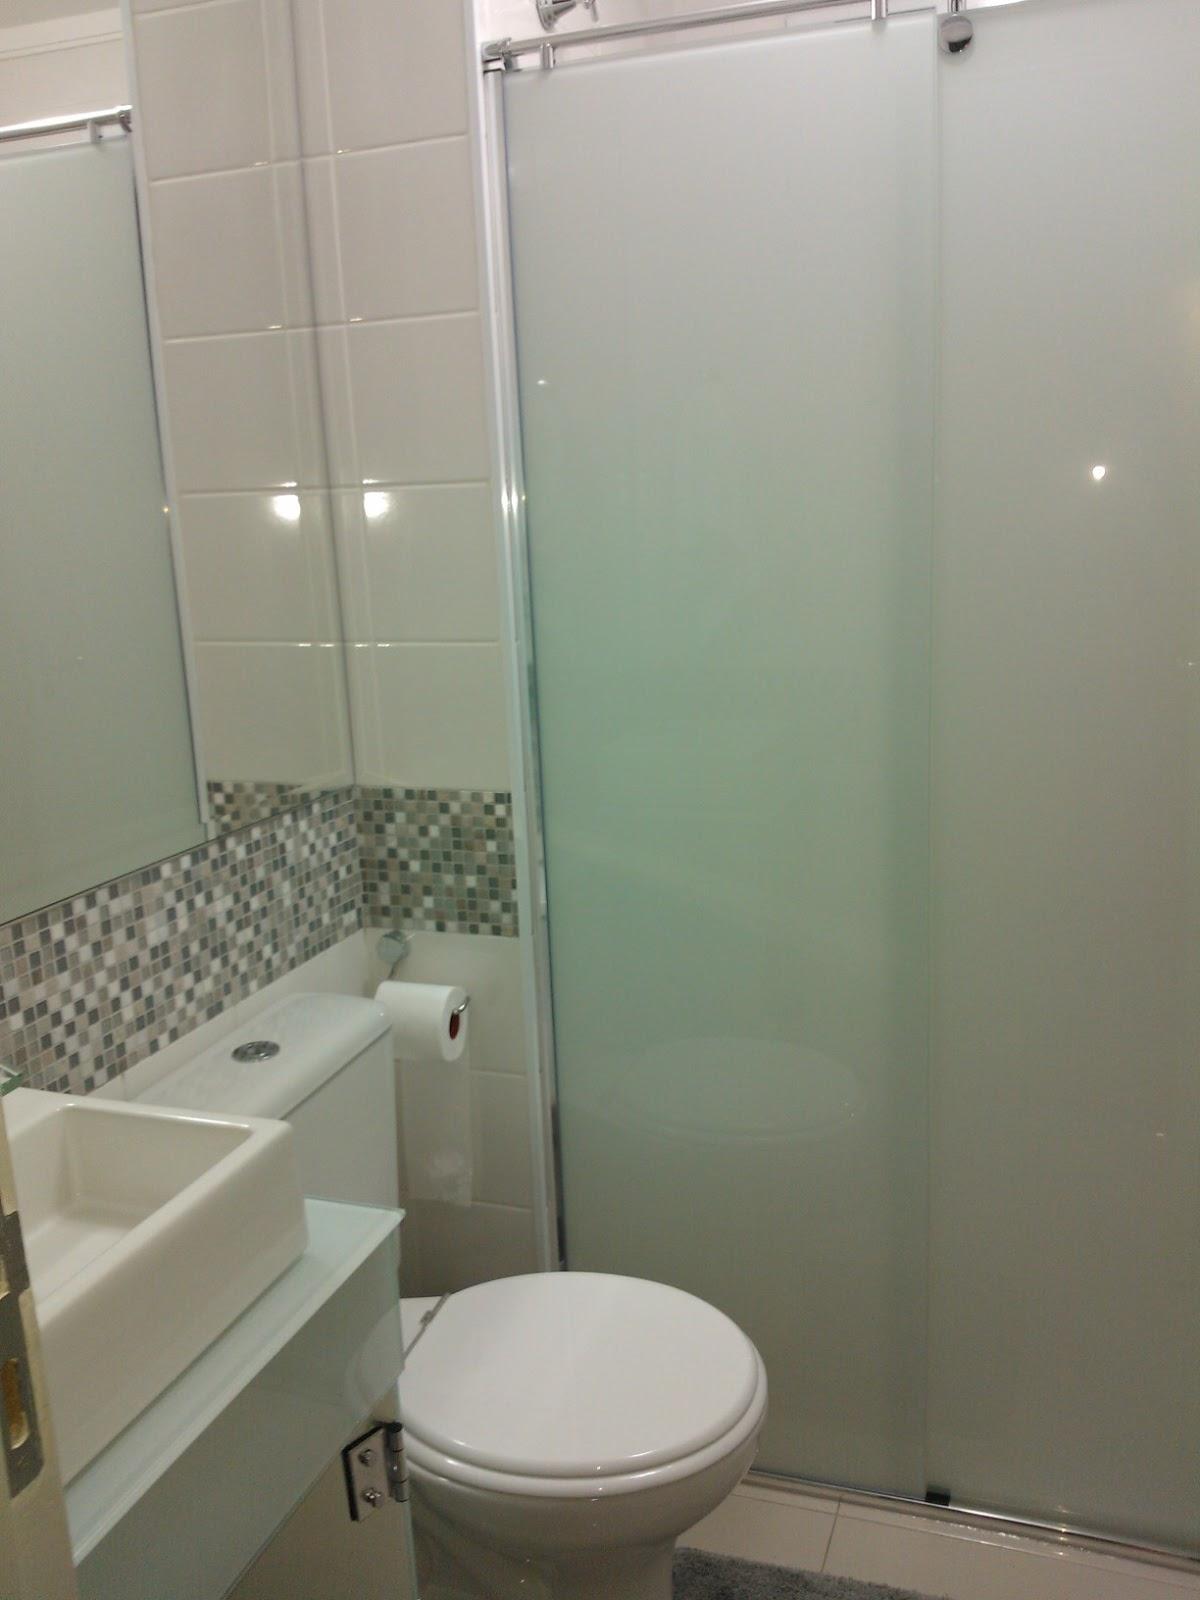 Banheiro  antes e depois  Decoração de apê pequeno -> Ralo De Pia De Banheiro Deca